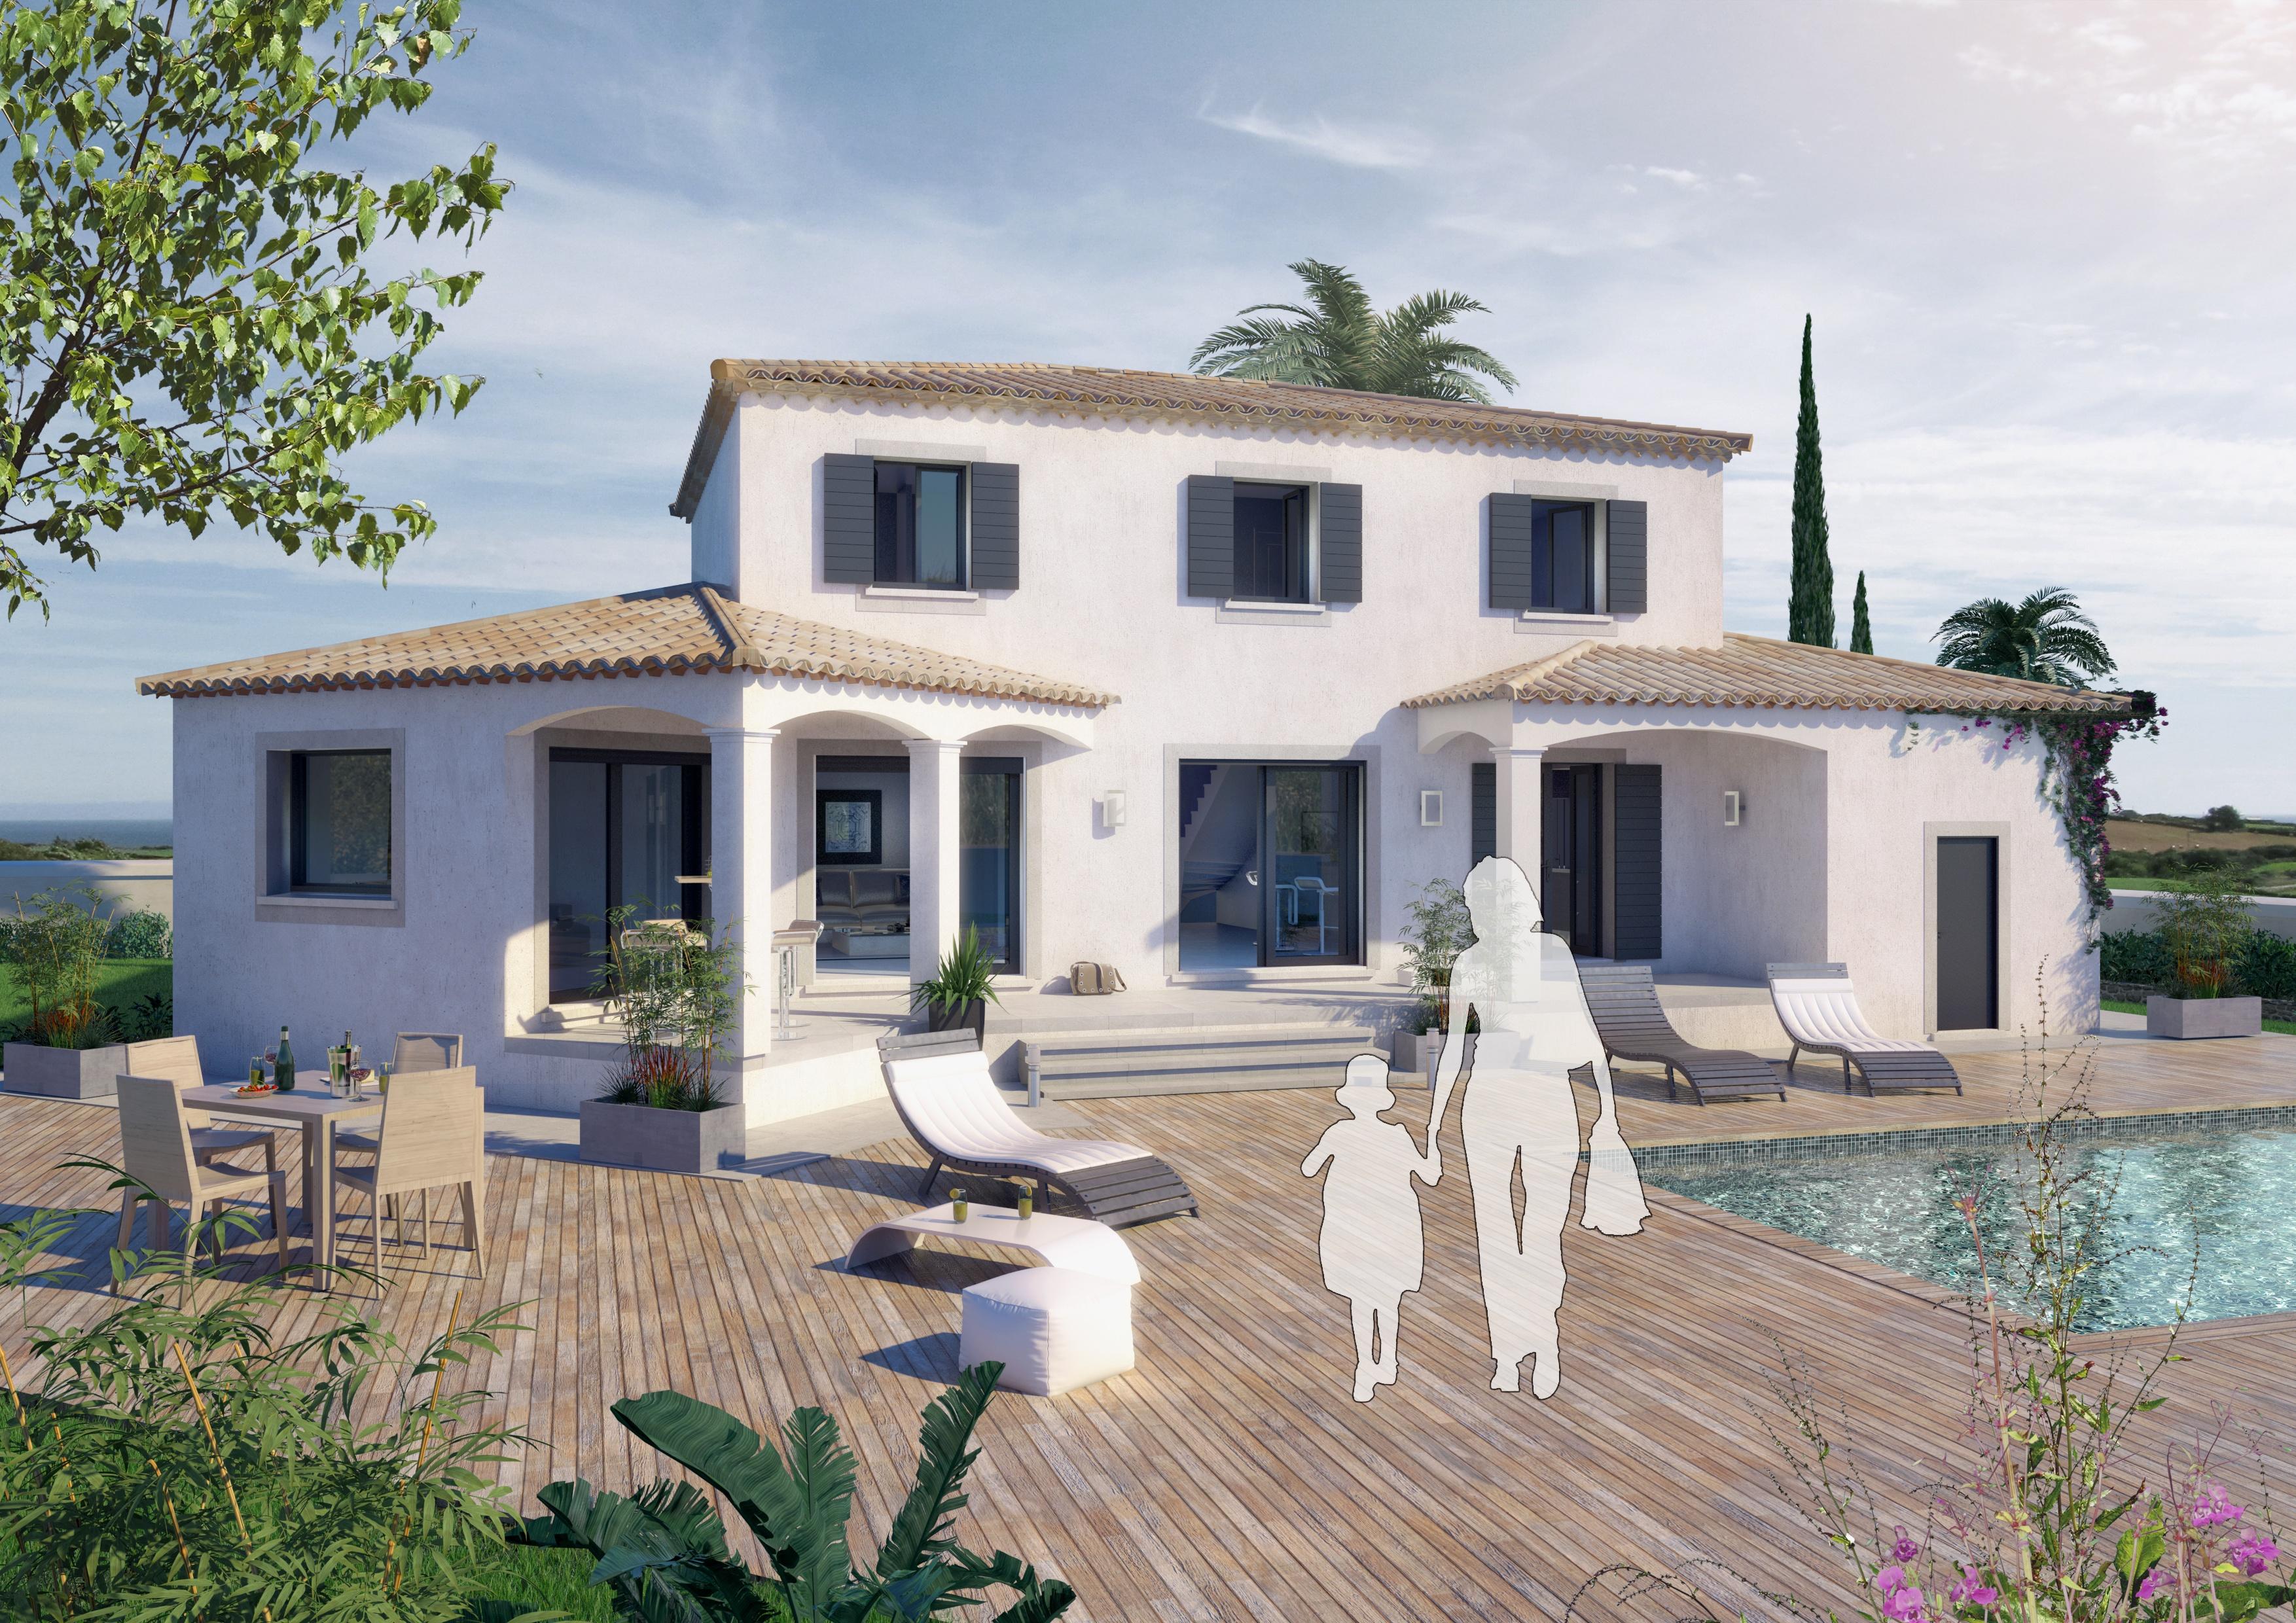 Maisons + Terrains du constructeur ART ET TRADITIONS MEDITERRANEE • 145 m² • UZES